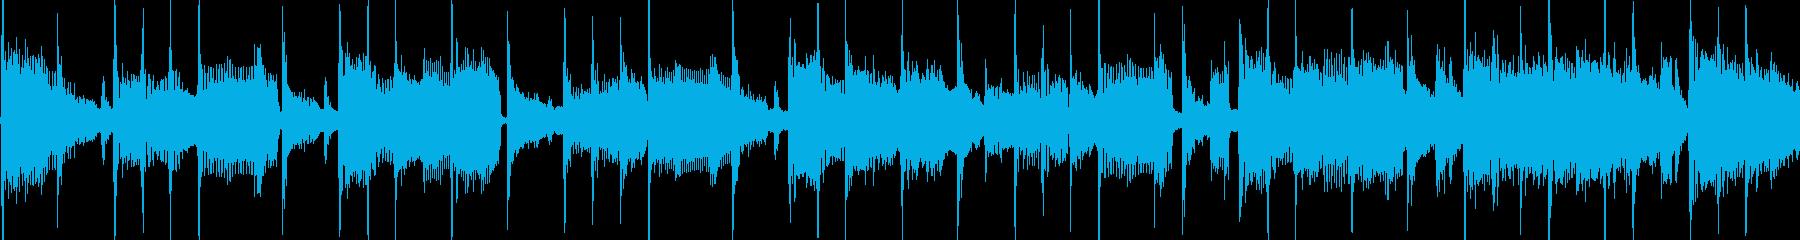 明るく気怠い楽観的なファンクジングルLPの再生済みの波形